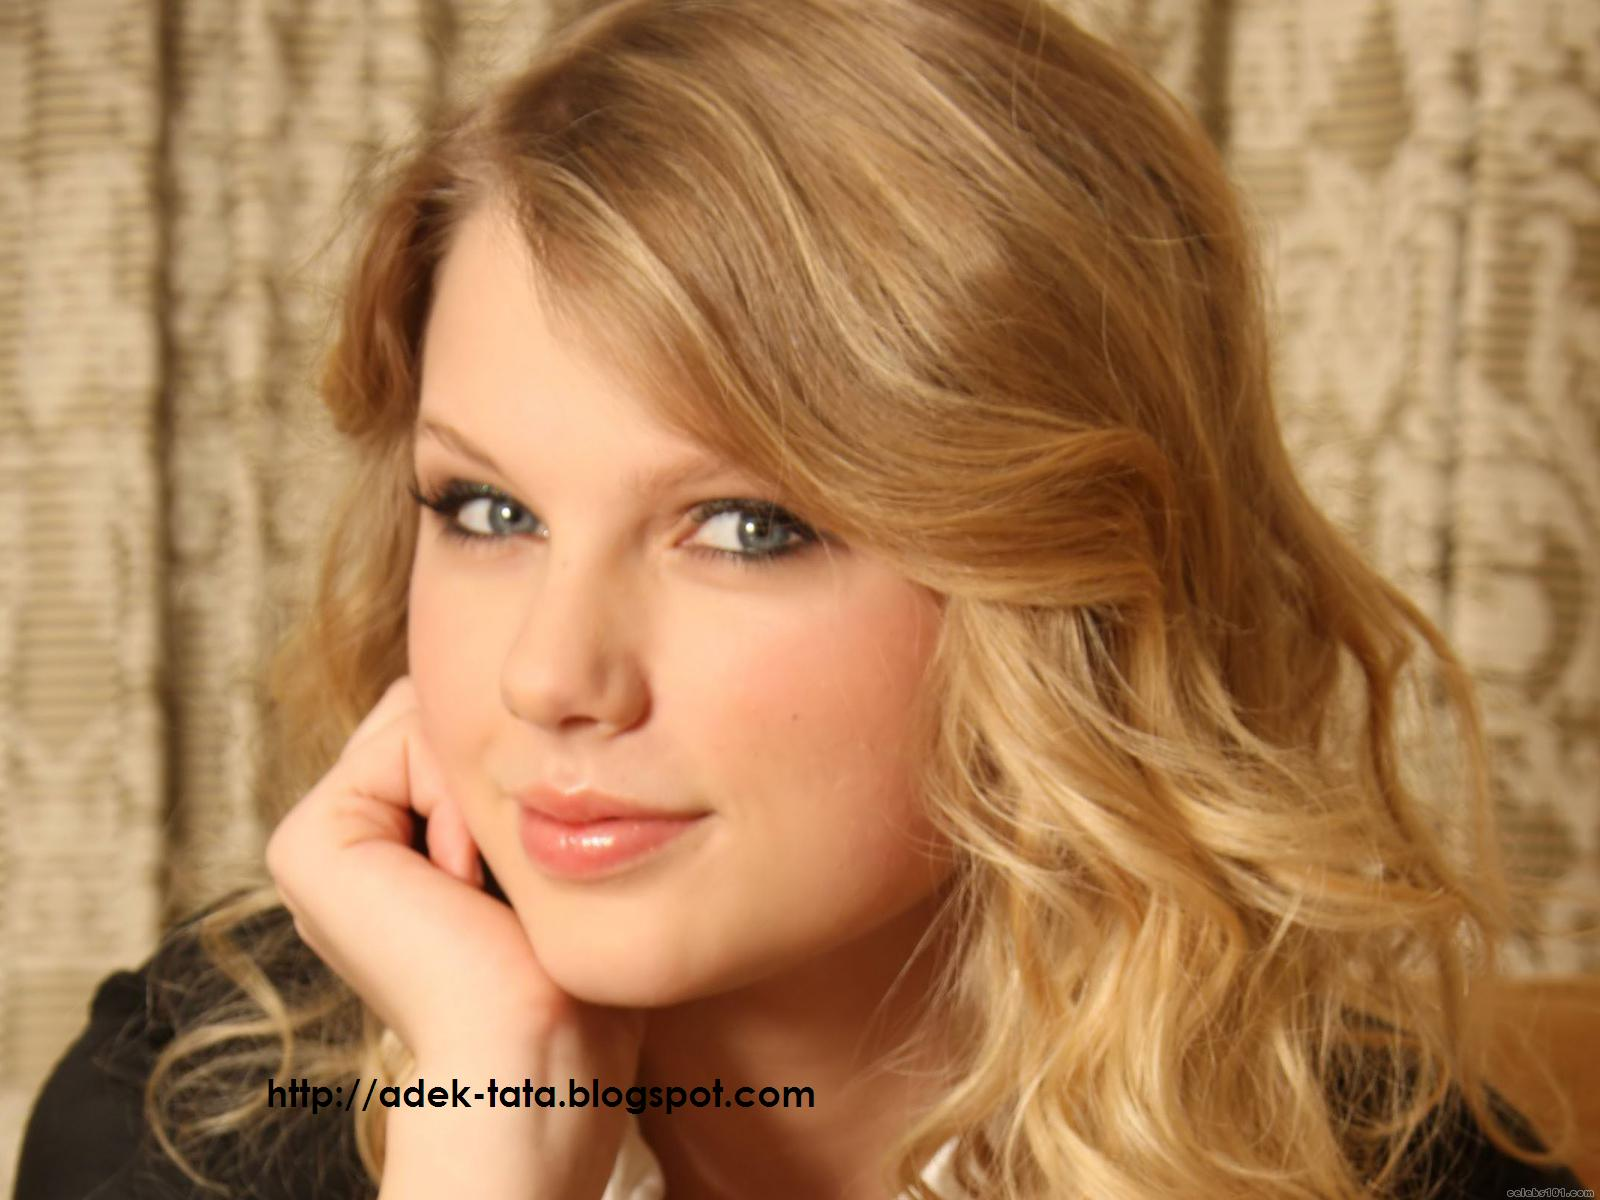 http://1.bp.blogspot.com/-yKiDGG-ijHA/TrU1FfK9lzI/AAAAAAAAAj8/1pl3AdClk74/s1600/Taylor_Swift_10.jpg